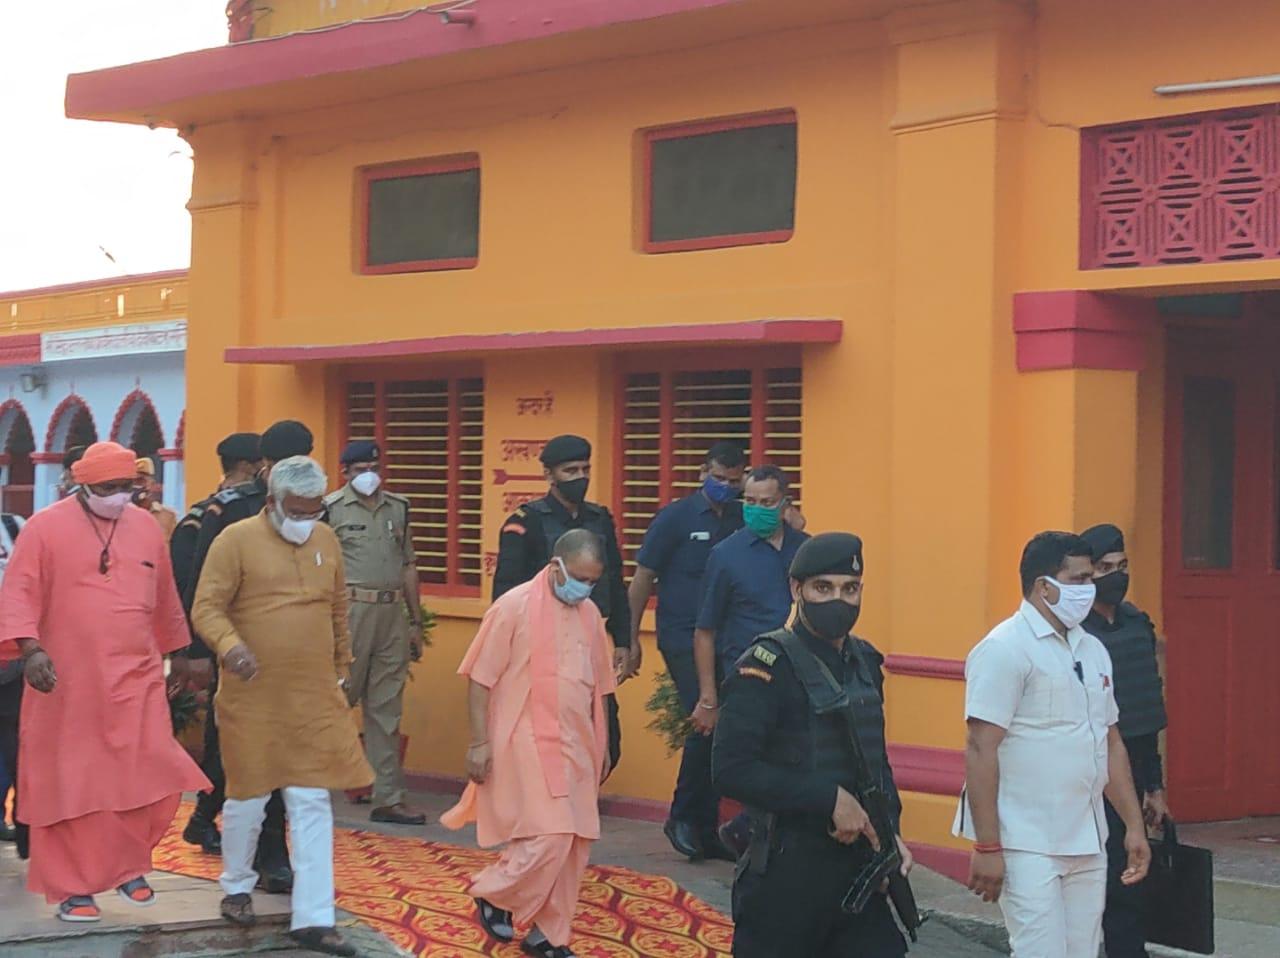 बलरामपुर :- जिले के लिए राजनीतिक रूप से अहम है सीएम योगी और प्रदेश अध्यक्ष का दौरा